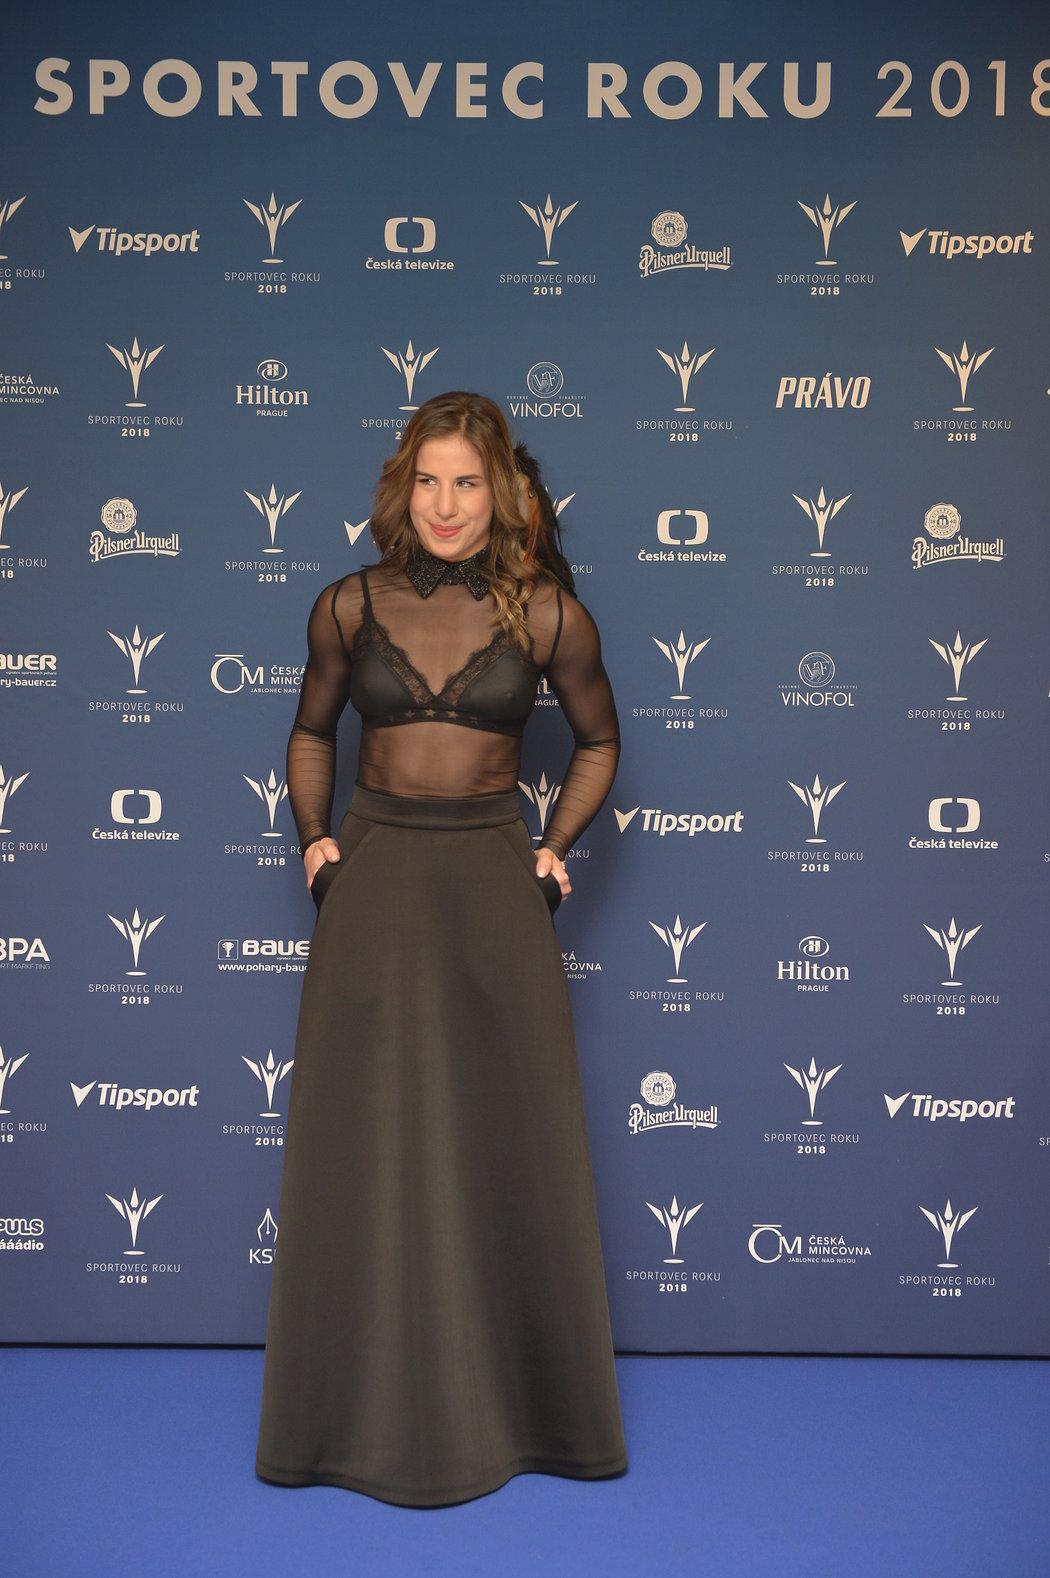 Ester Ledecká zvolila na vyhlášení ankety Sportovec roku elegantní rafinované šaty s krajkou